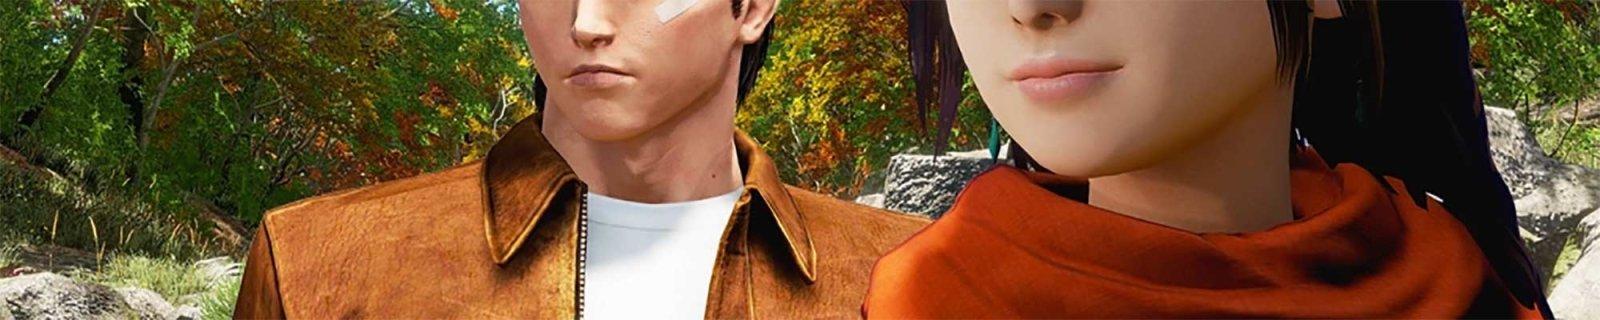 《莎木3》众筹破5亿日元成为KS历史第二